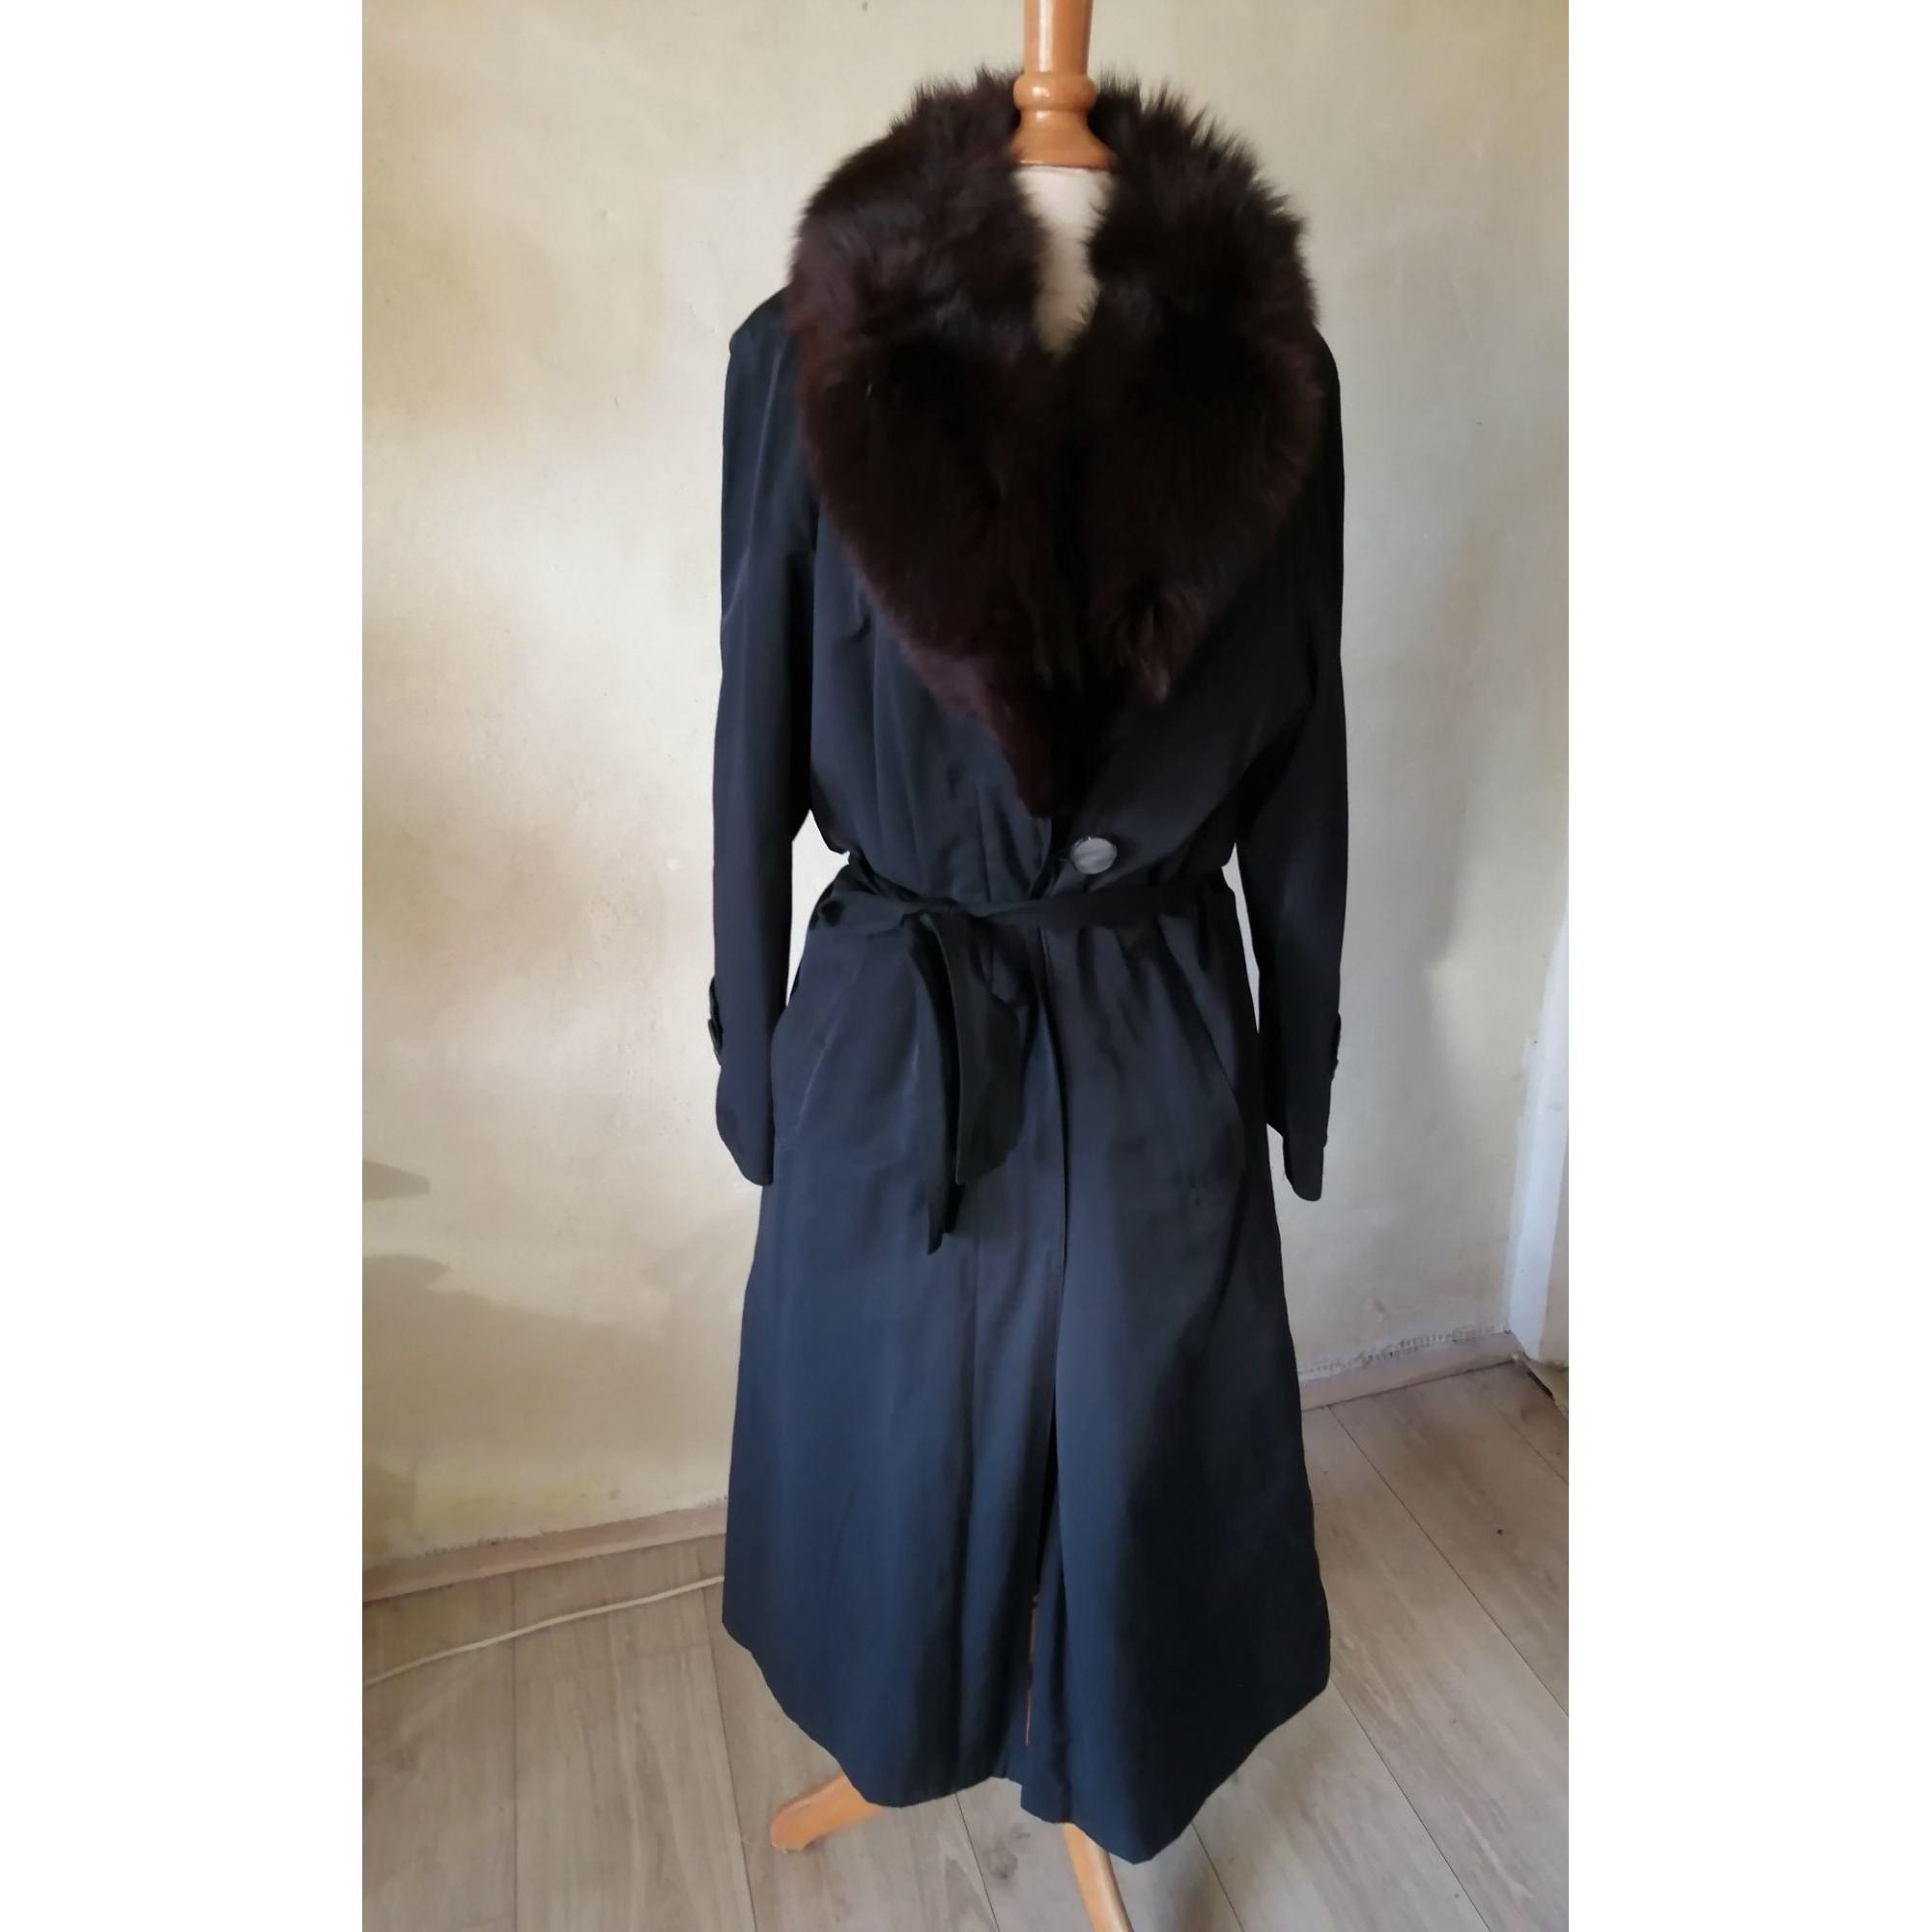 Manteau en fourrure CLAUDE ALEXANDRE PARIS Noir